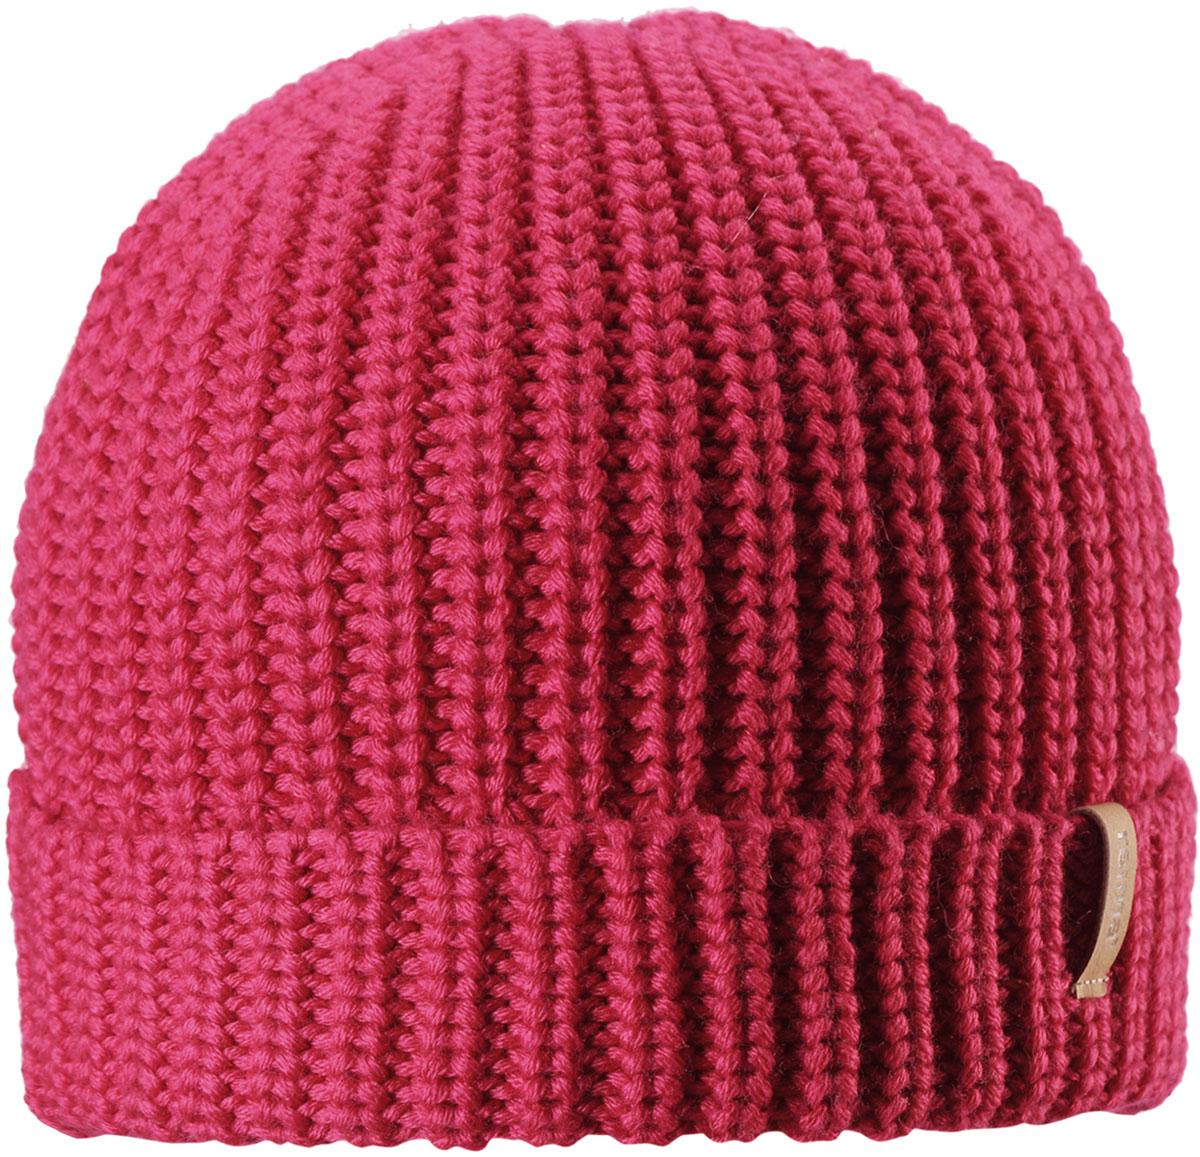 Шапка-бини для девочки Reima Vanttuu, цвет: розовый. 5285423560. Размер 545285423560Детская шапка Reima выполнена из теплого полушерстяного трикотажа. Шерсть - превосходный терморегулятор. Облегченная модель без подкладки. Оригинальный структурный узор дополняет образ.